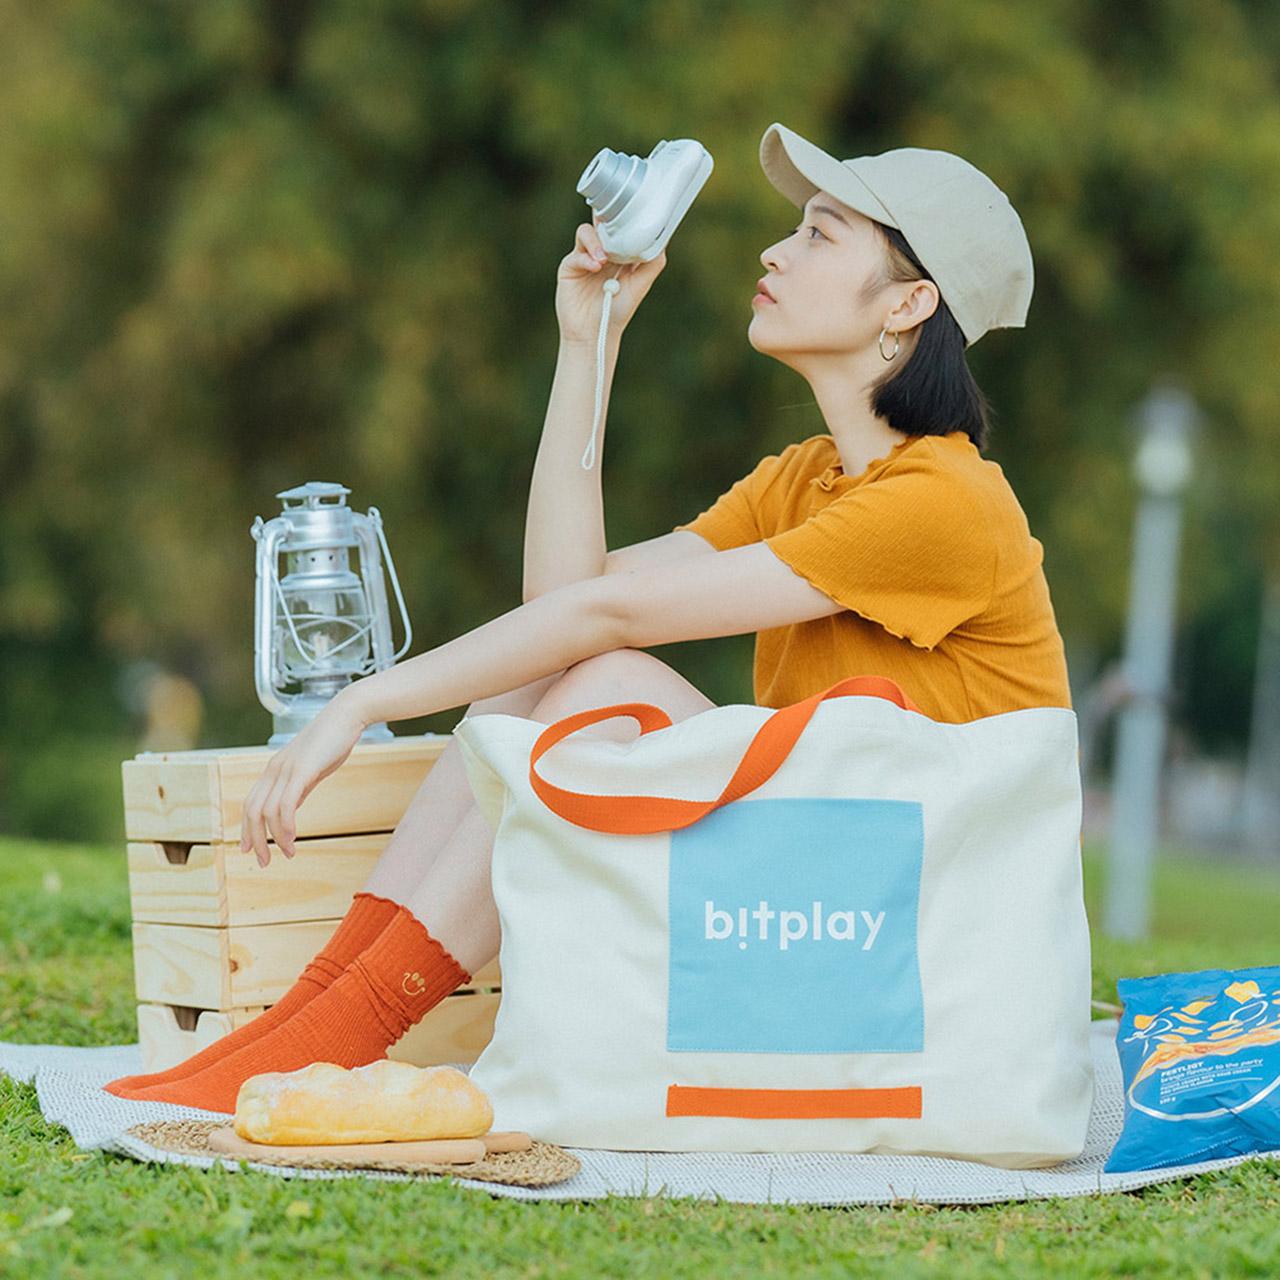 bitplay,台灣品牌,台灣選物,生活選物,生活雜貨,生活小物,生活品牌